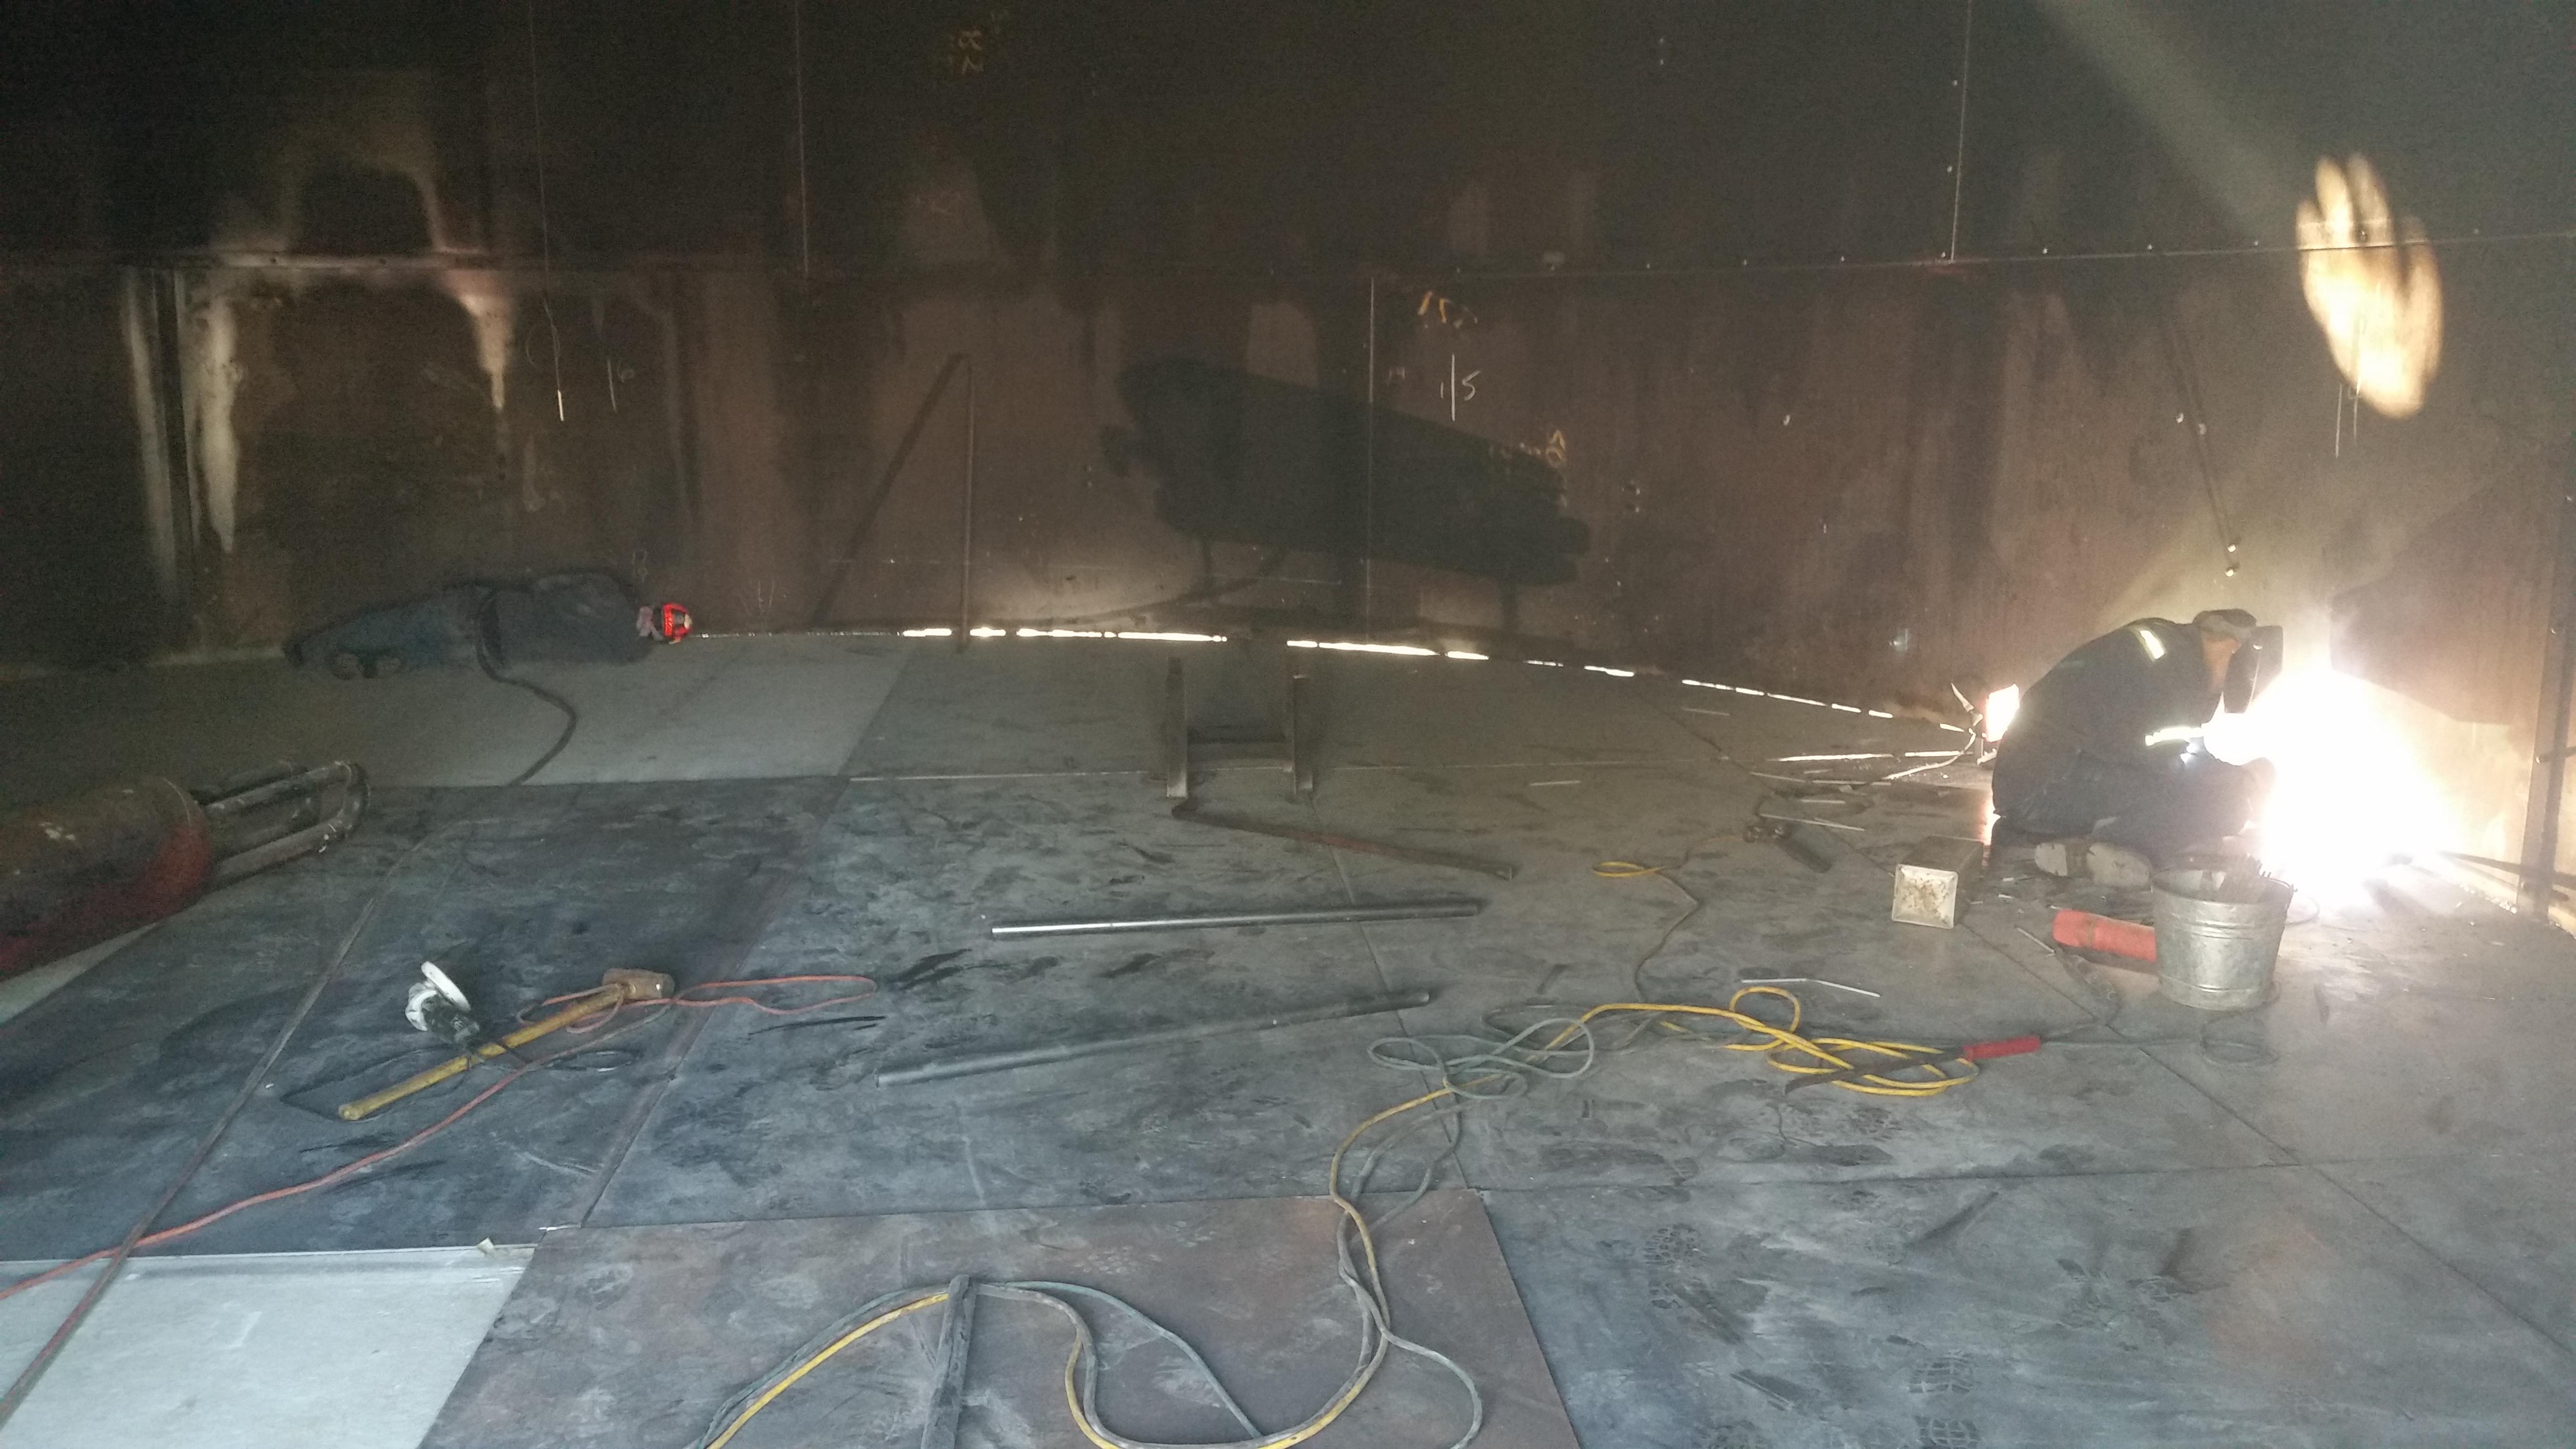 Tank Repair U Floor Replacemet Tank Repair And Floor Replacement With Floor  Replacement.